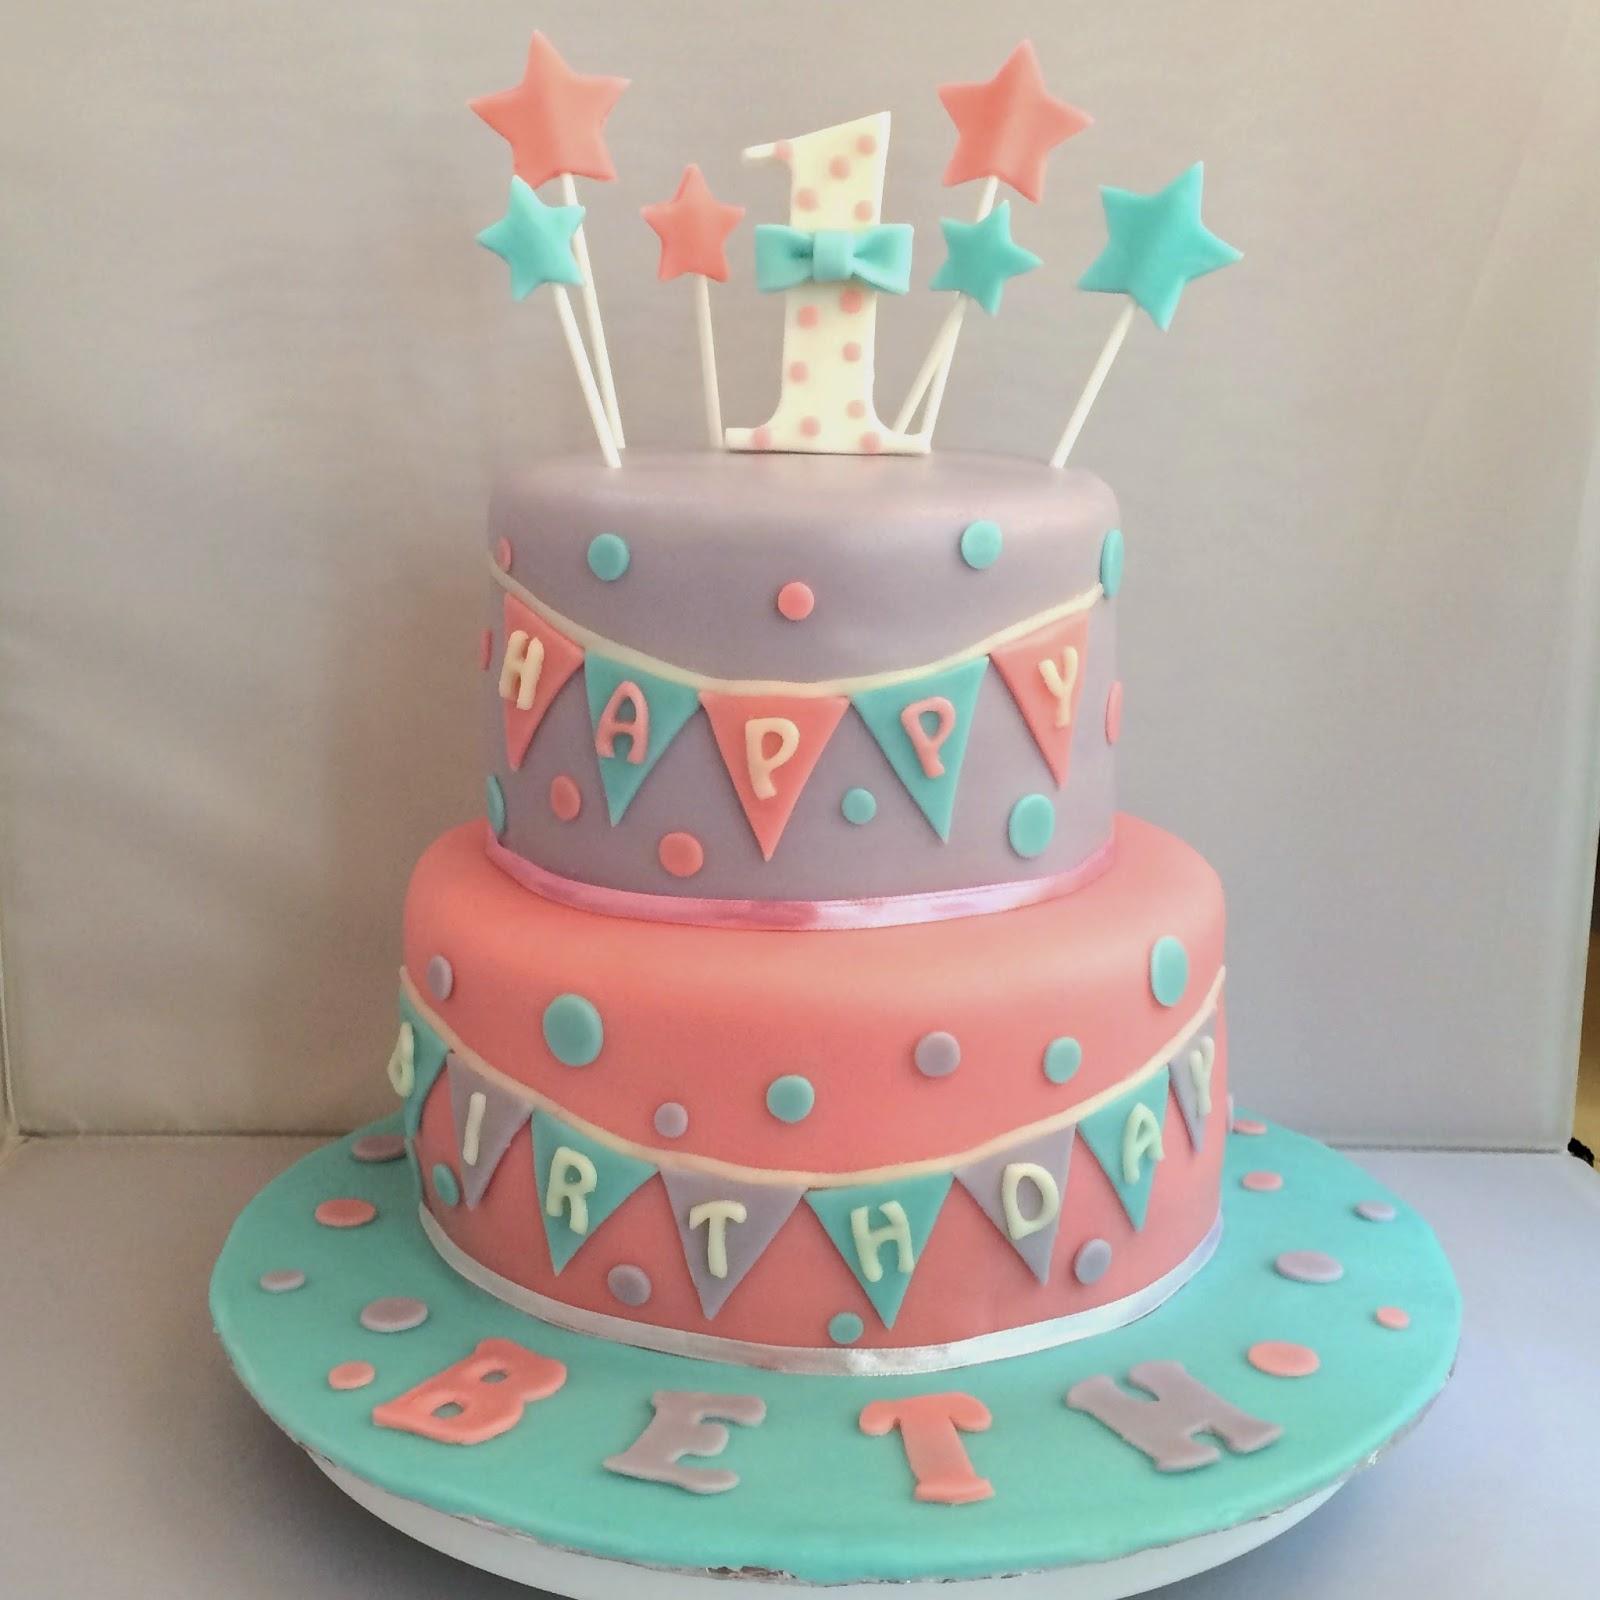 Sherbakes Sweet Pastel Birthday Cake